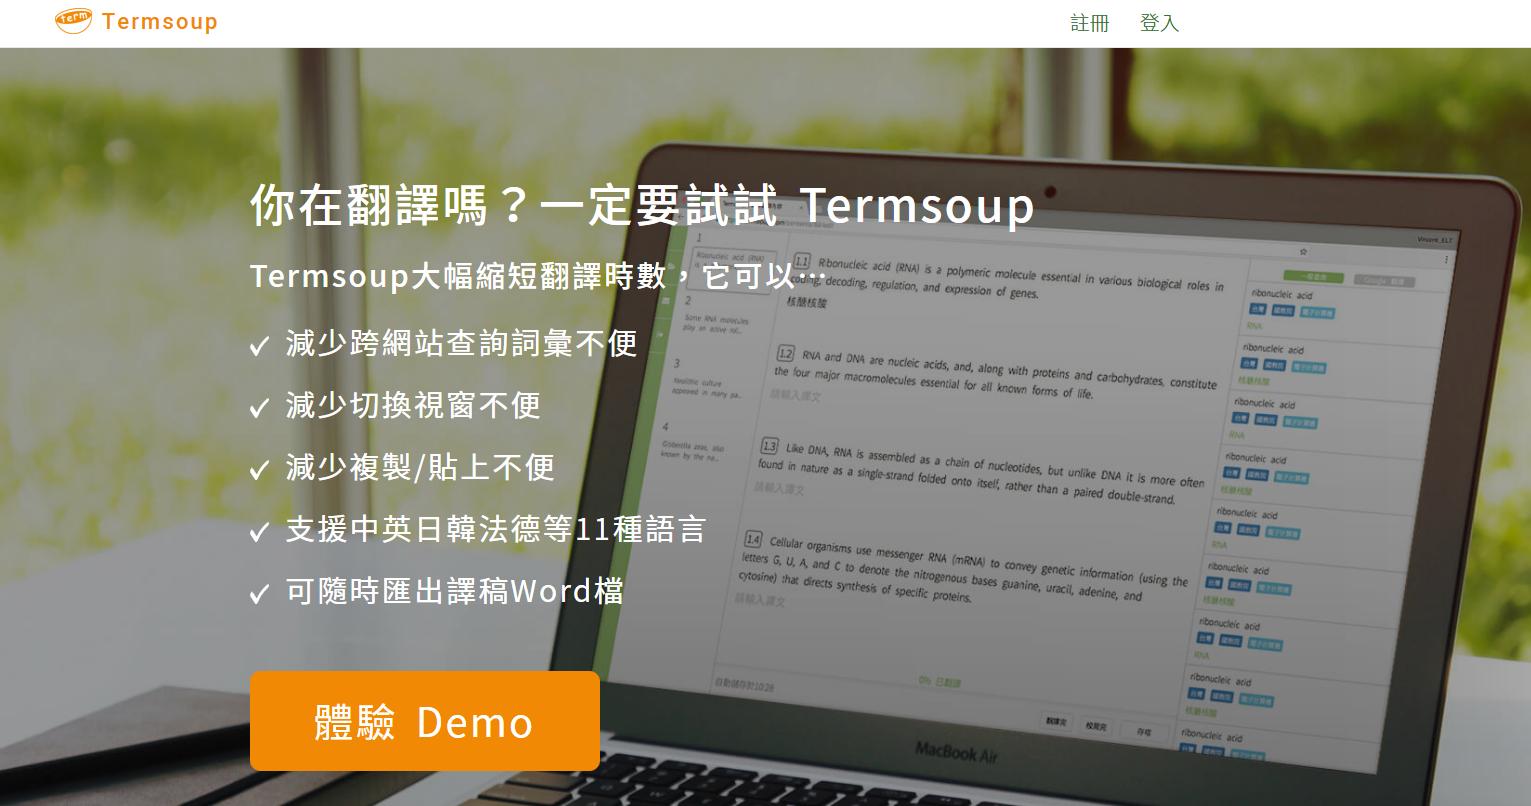 台灣翻譯工作者的必備好工具,Termsoup大幅縮短你的翻譯工時